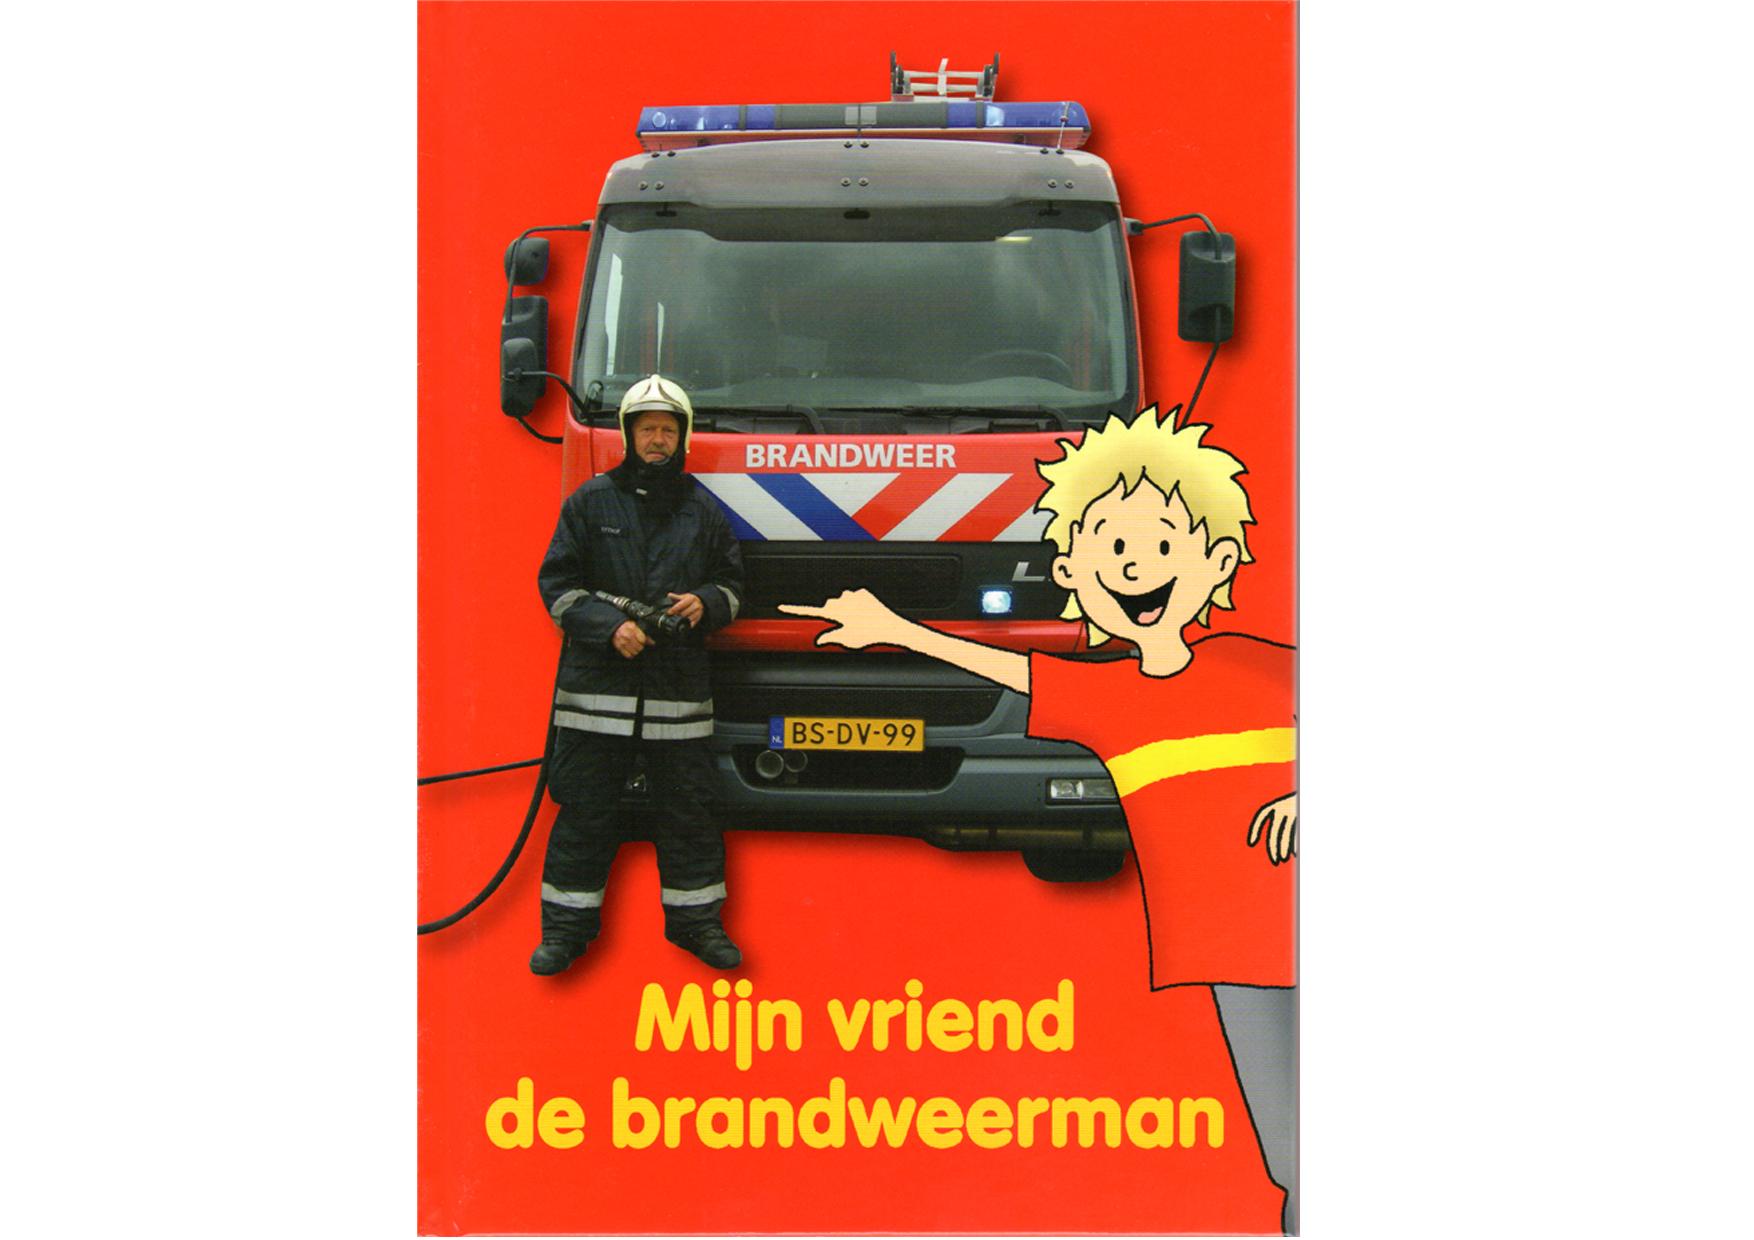 Mijn vriend de brandweerman